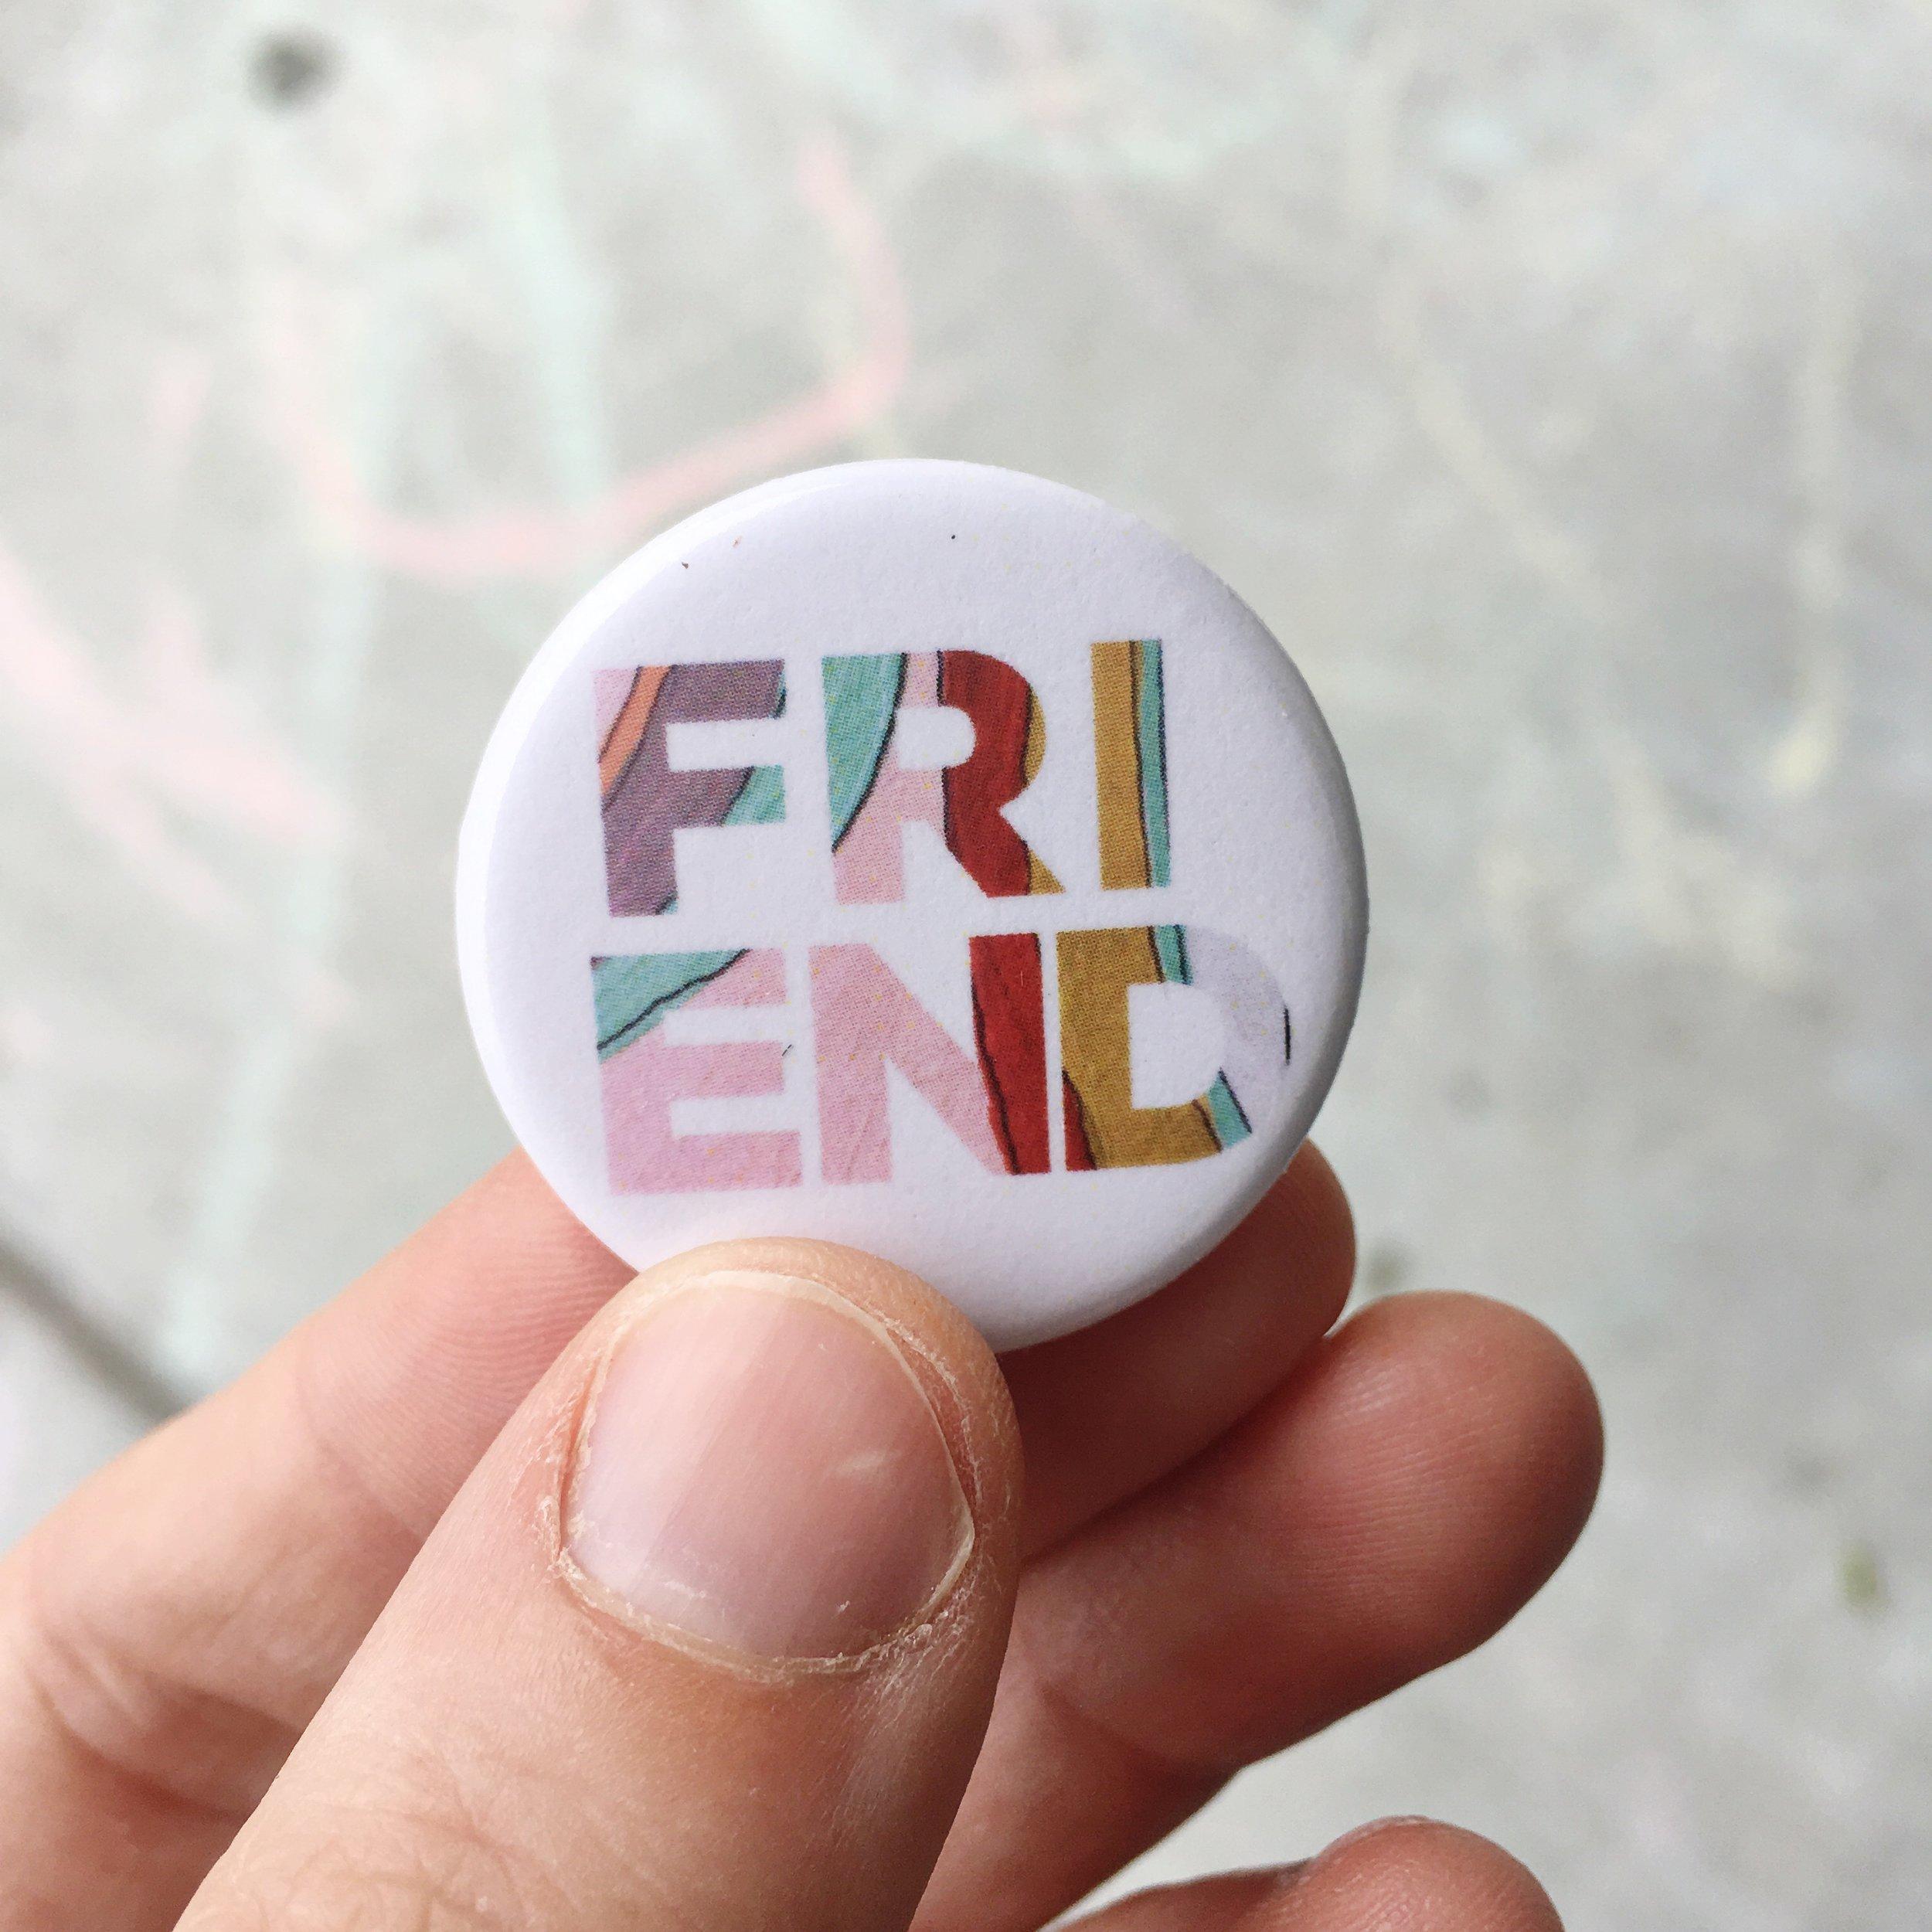 friend button by brooke petermann.JPG